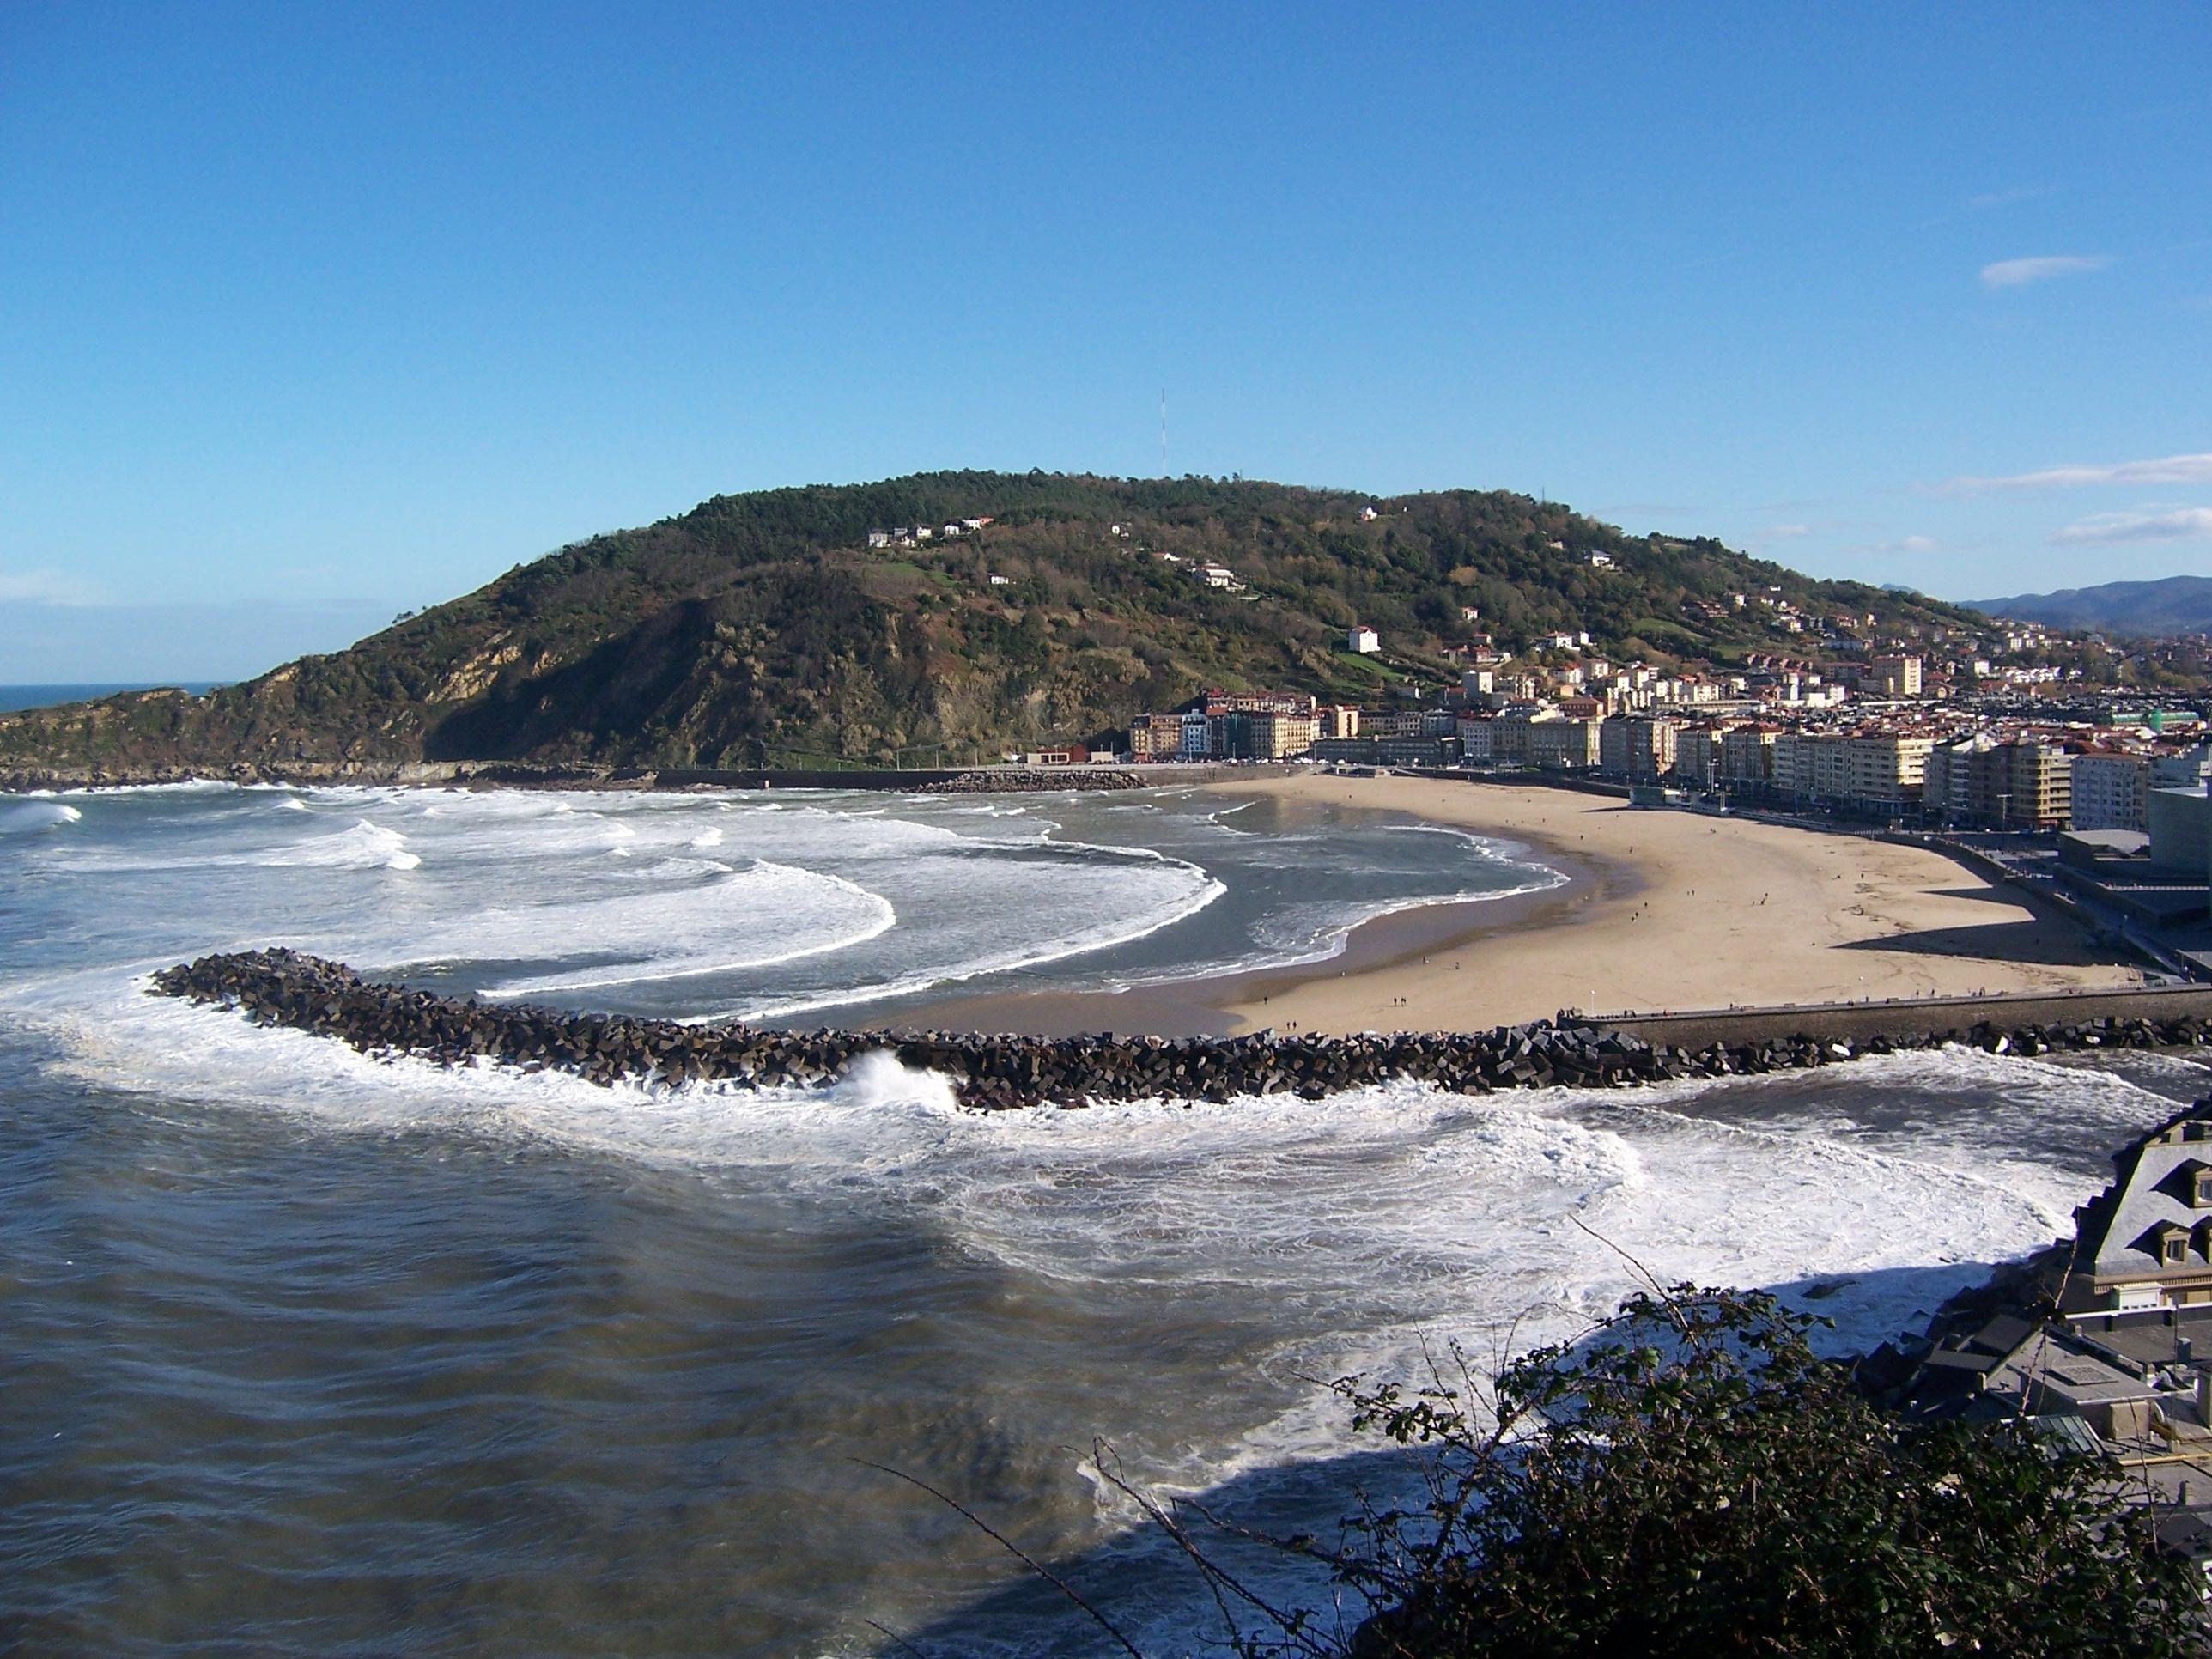 http://upload.wikimedia.org/wikipedia/commons/9/94/Desembocadura_urumea.jpg